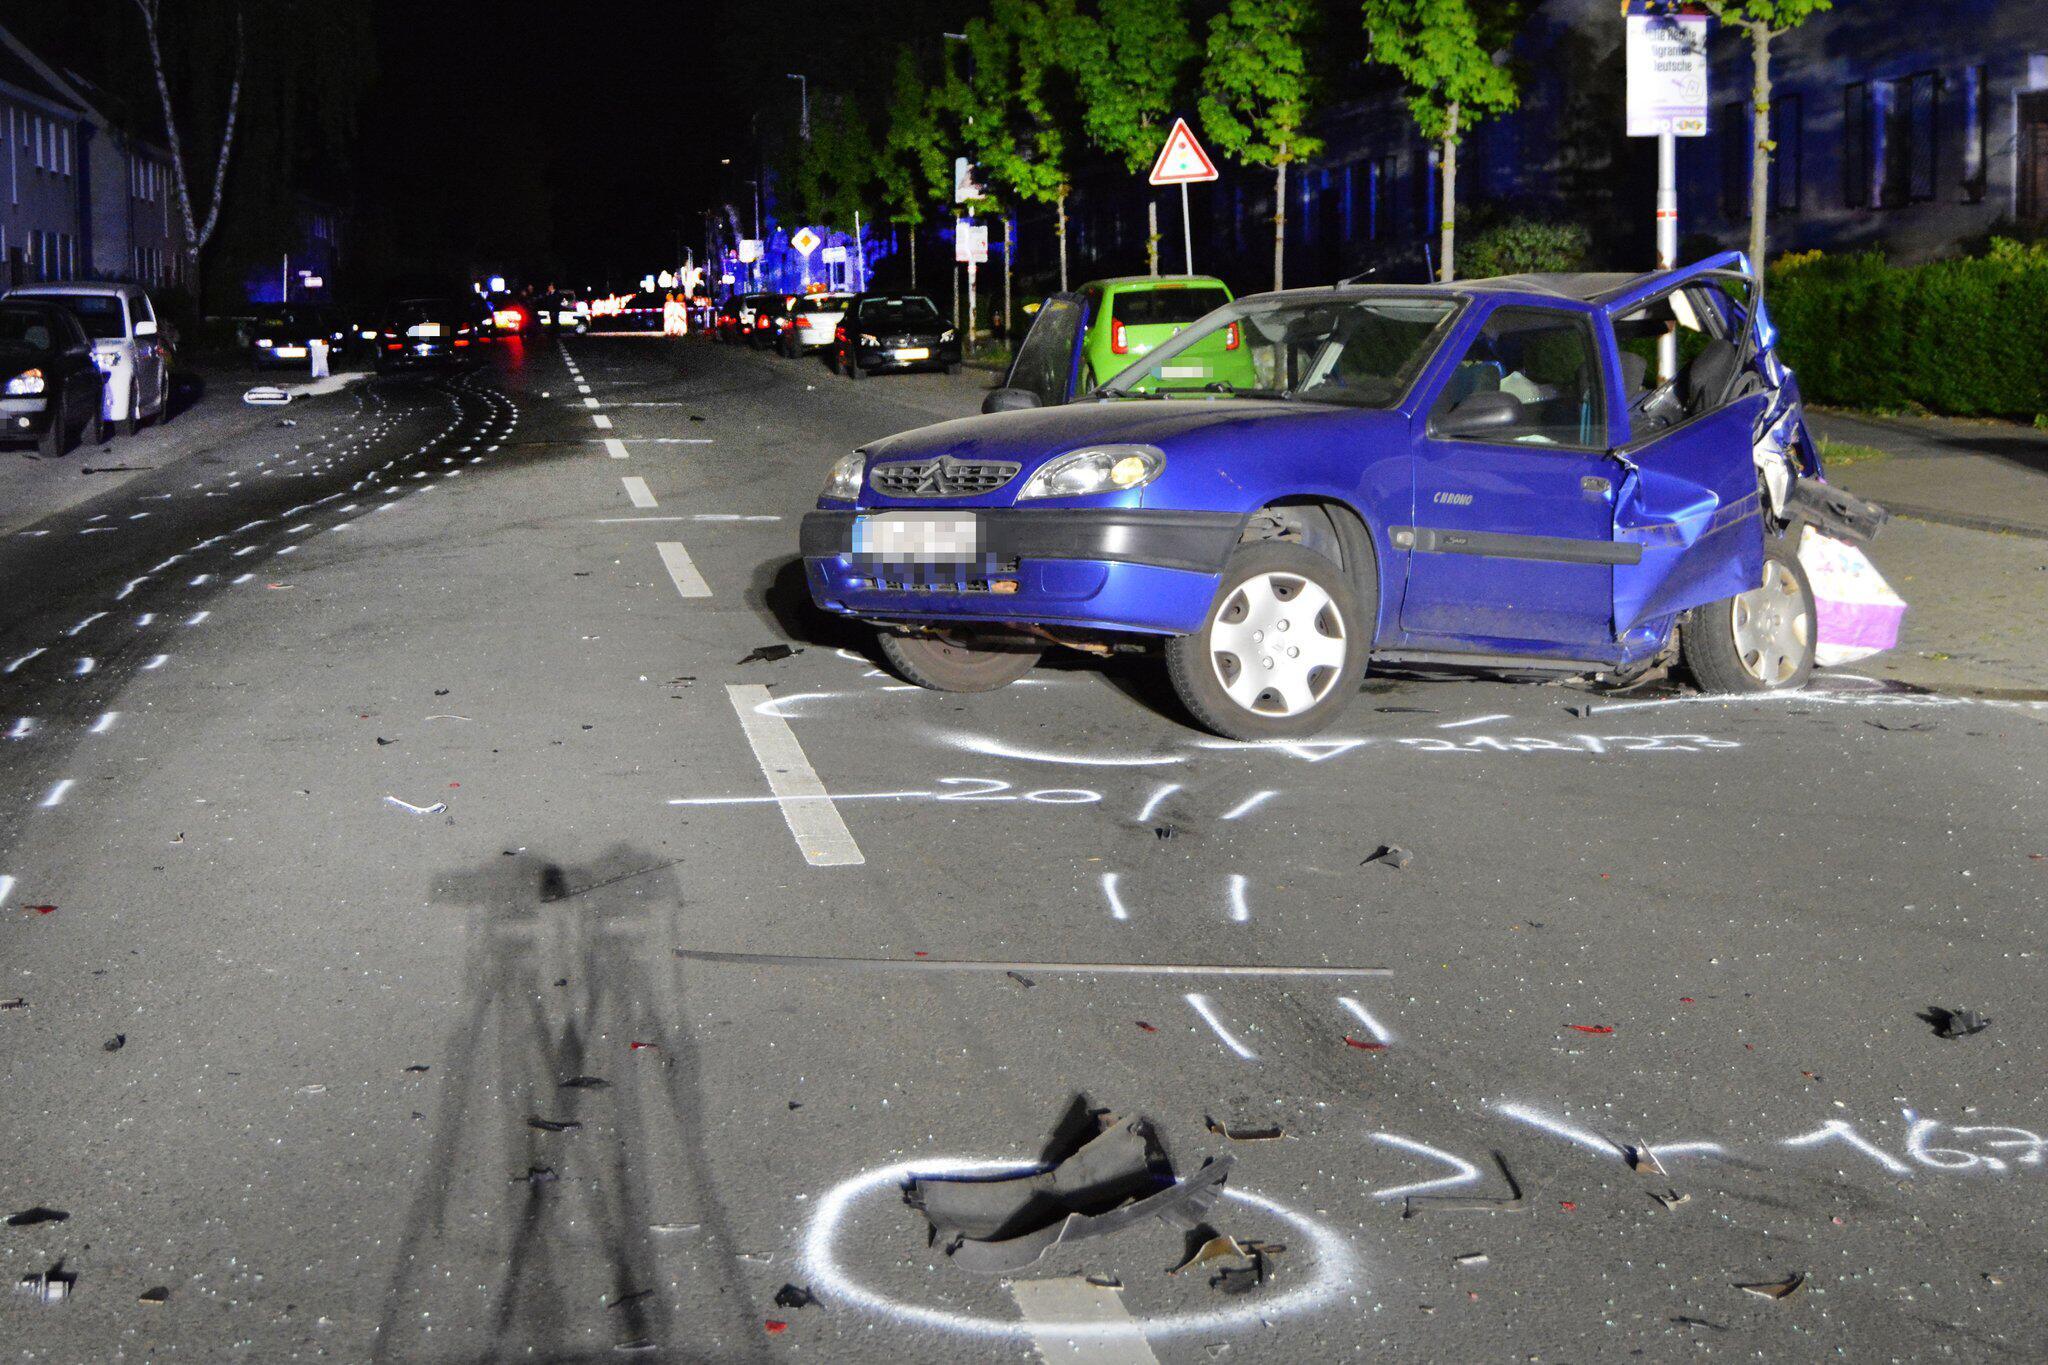 Bild zu Unbeteiligte bei mutmaßlichem Autorennen getötet